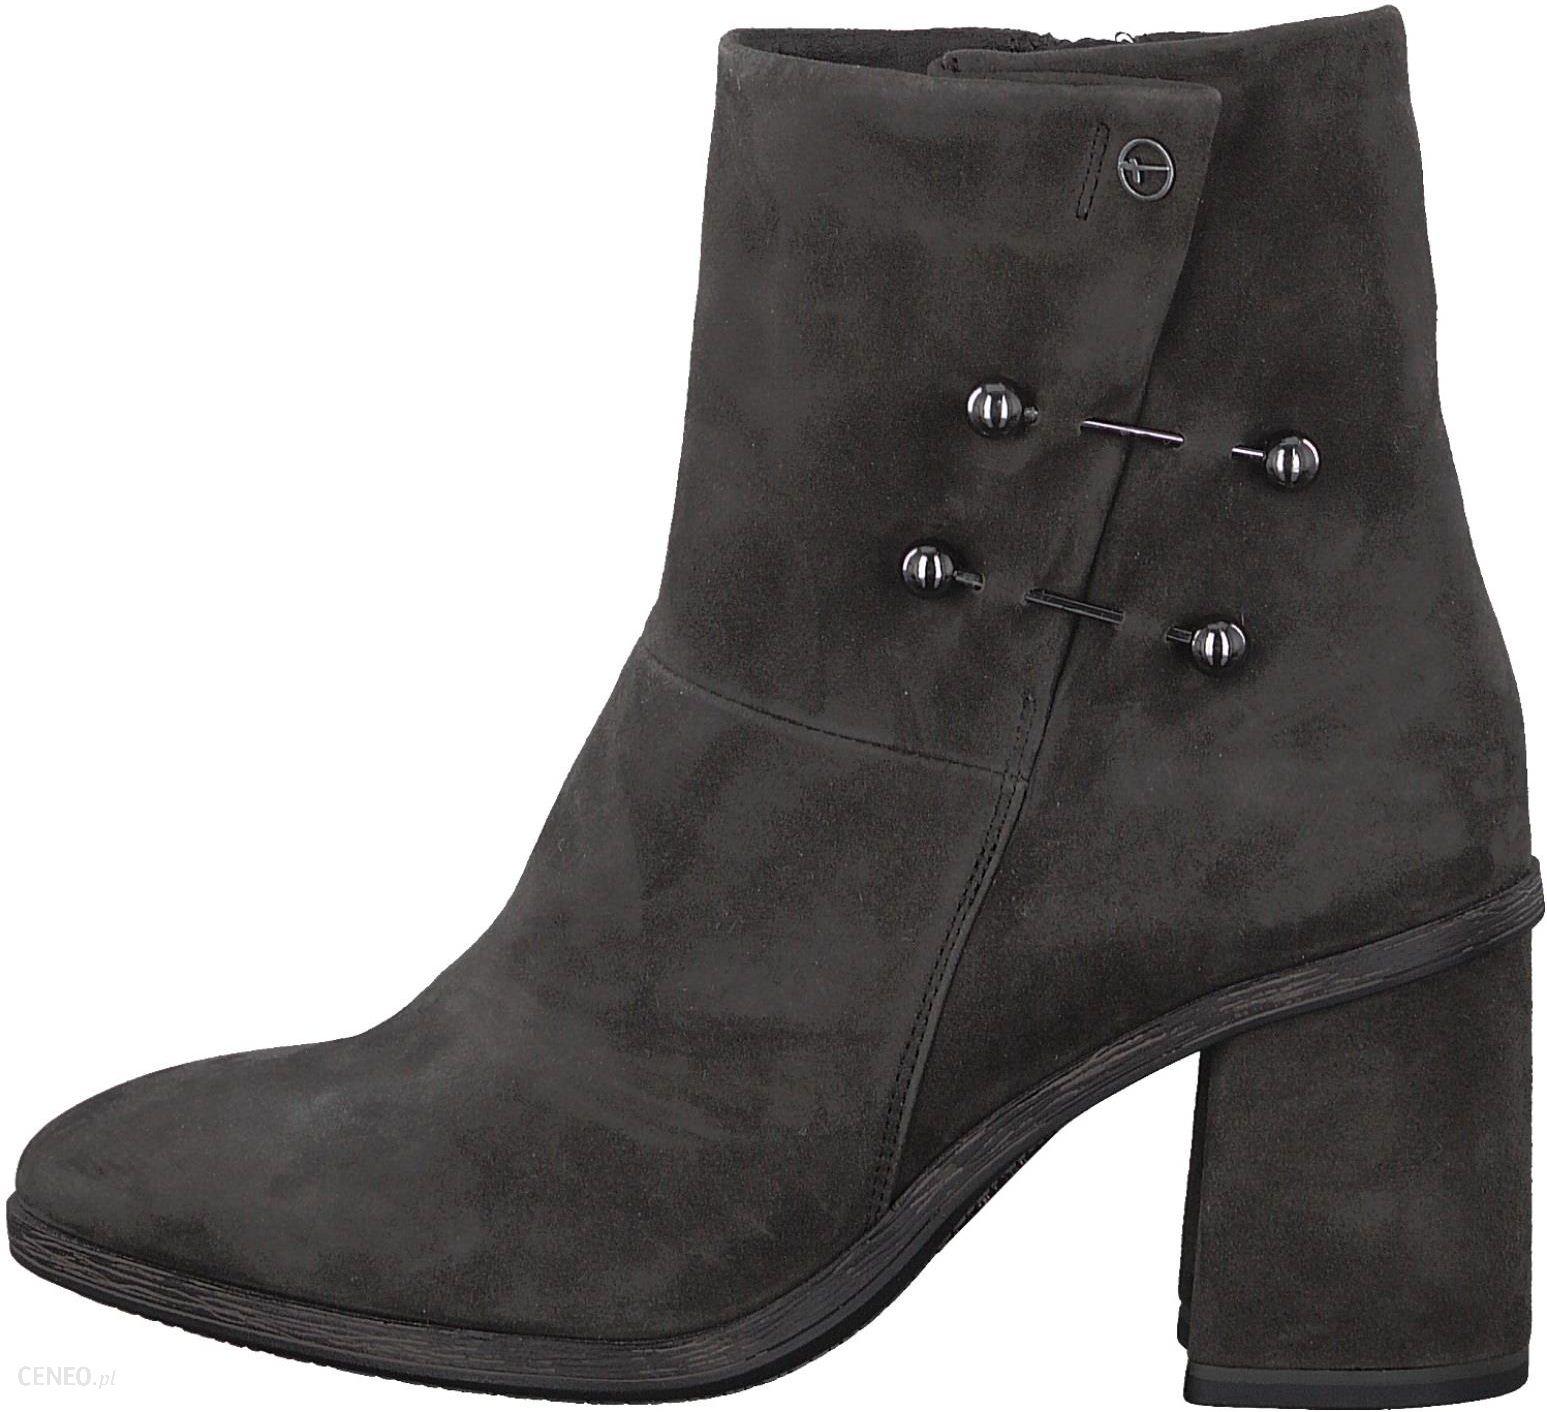 Tamaris buty za kostkę damskie 36, ciemnoszary